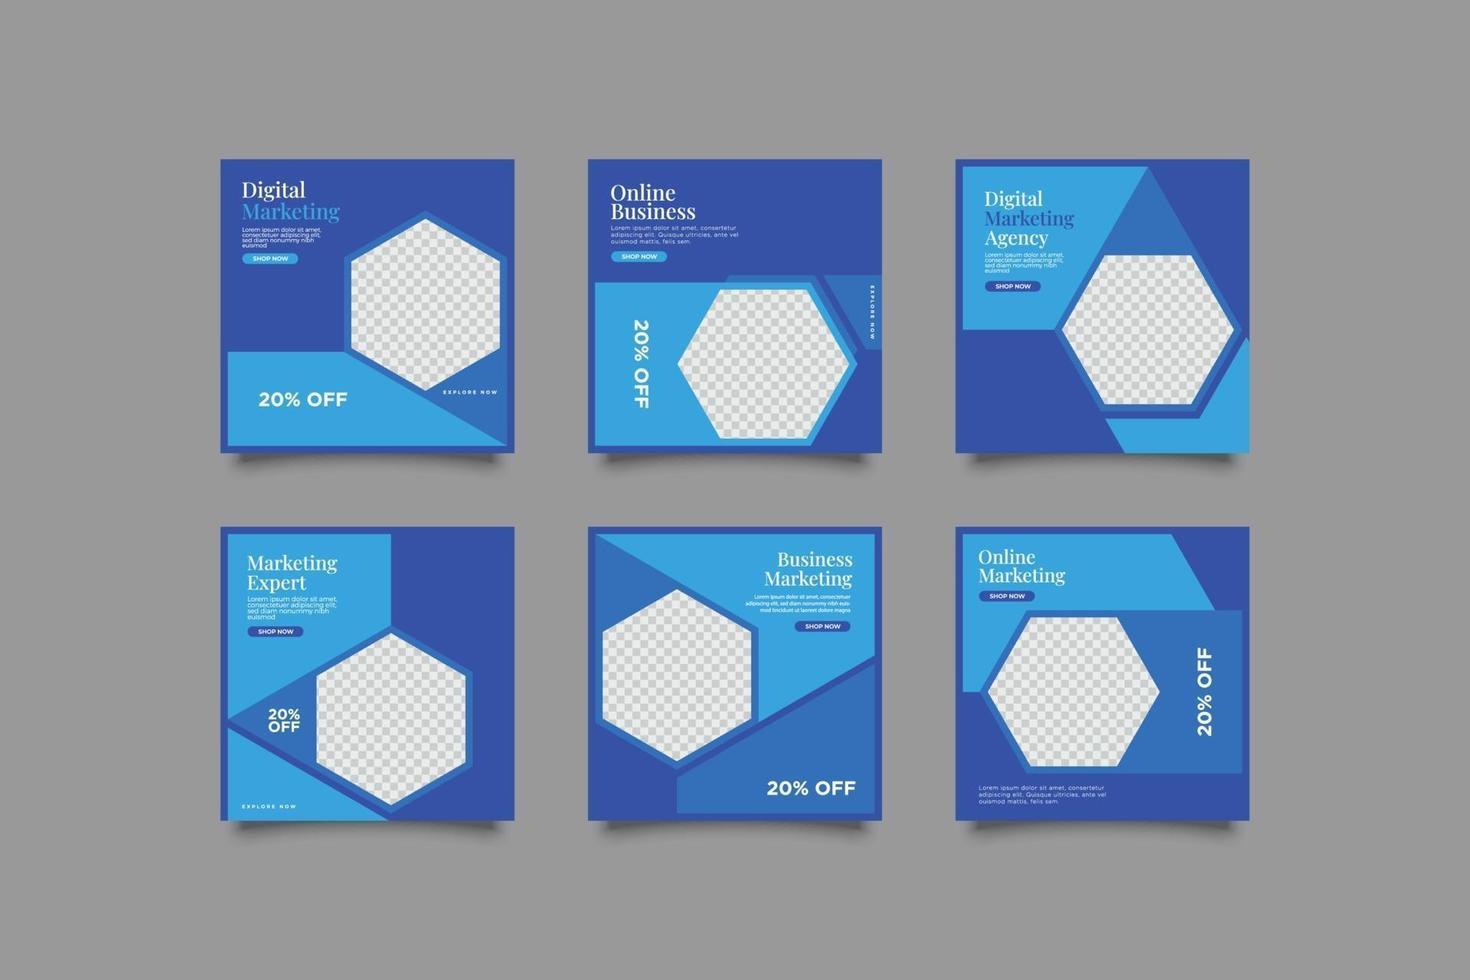 bundle de publication de médias sociaux bleu moderne minimaliste vecteur